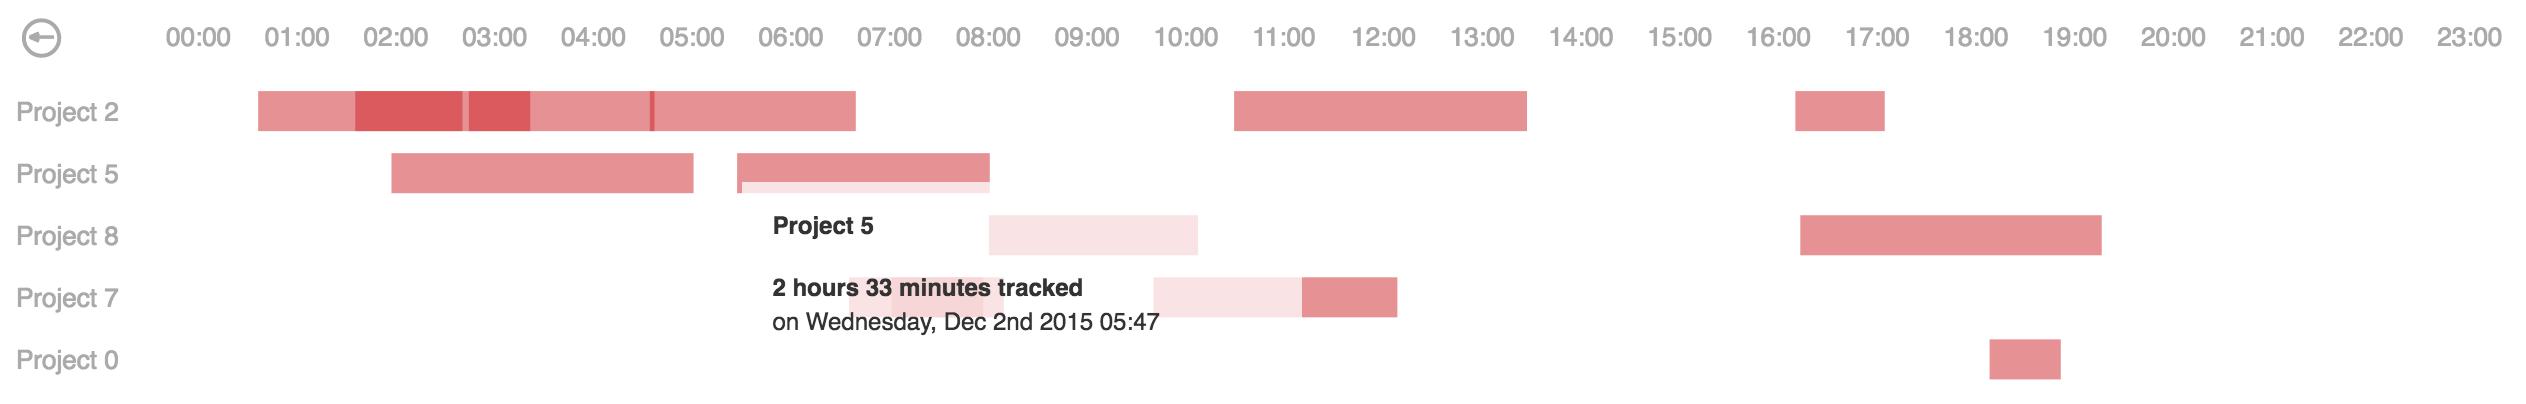 Angular component for d3.js calendar heatmap - day overview